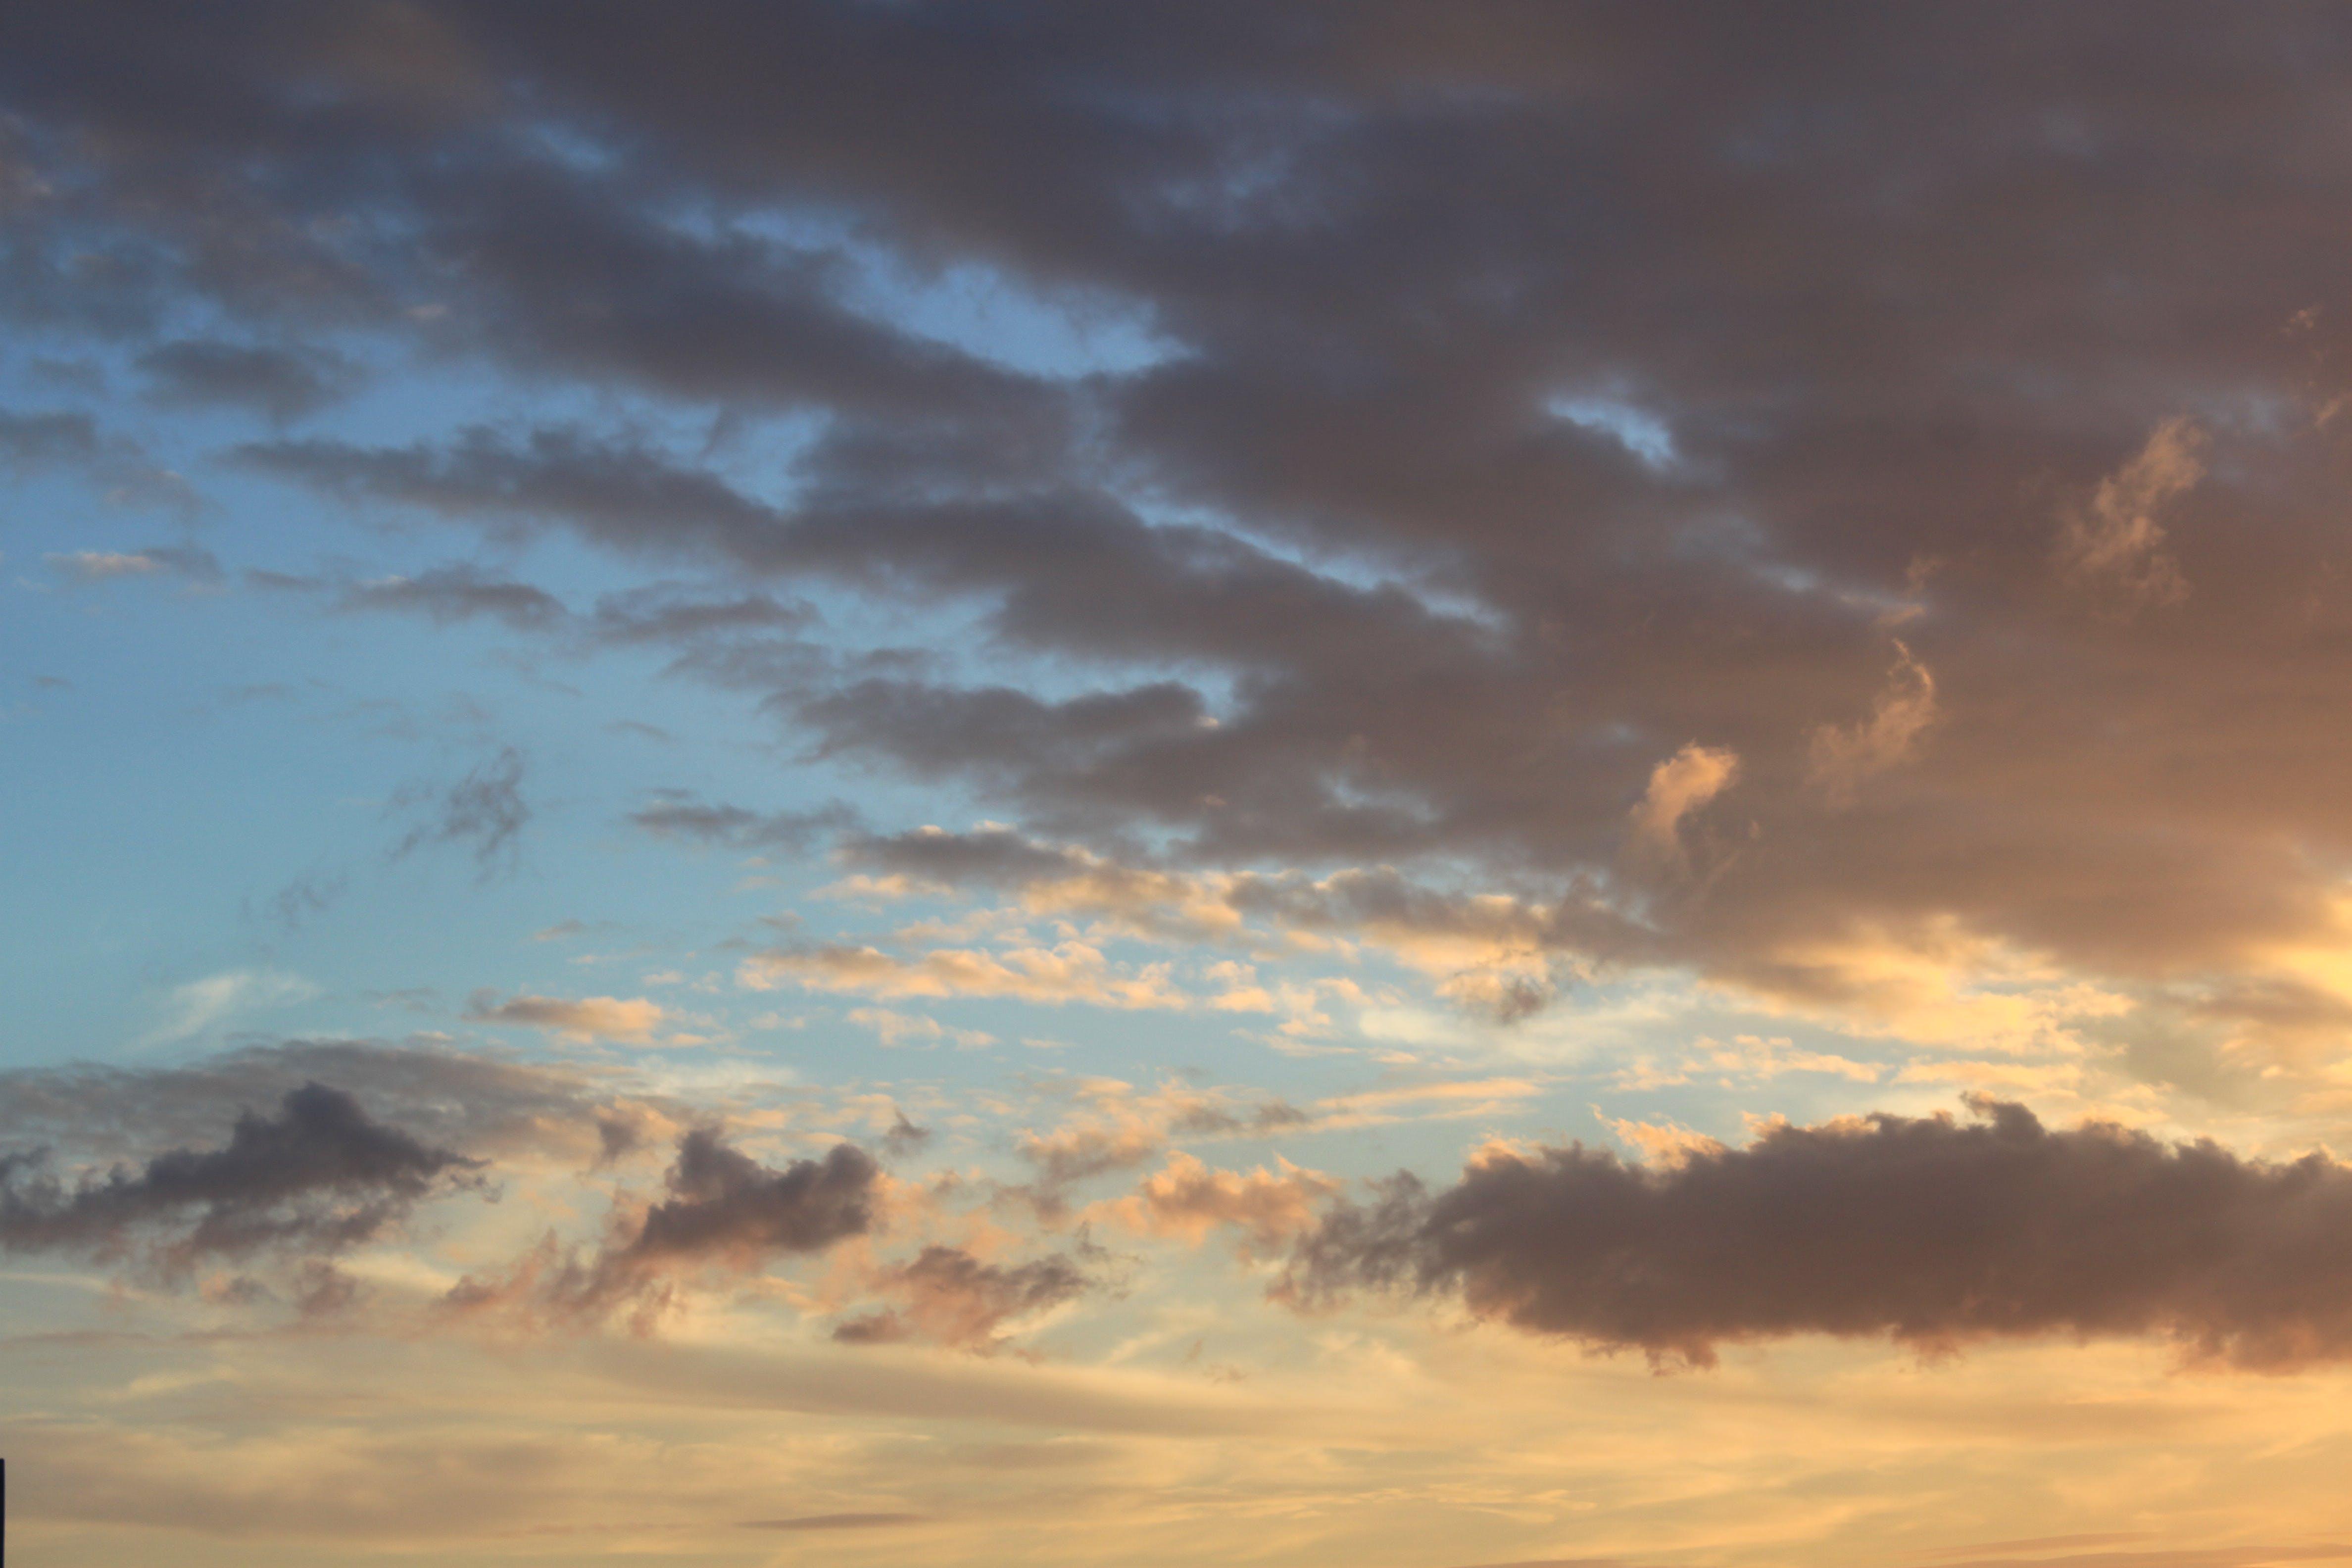 Sundown Photography of Cloudy Sky